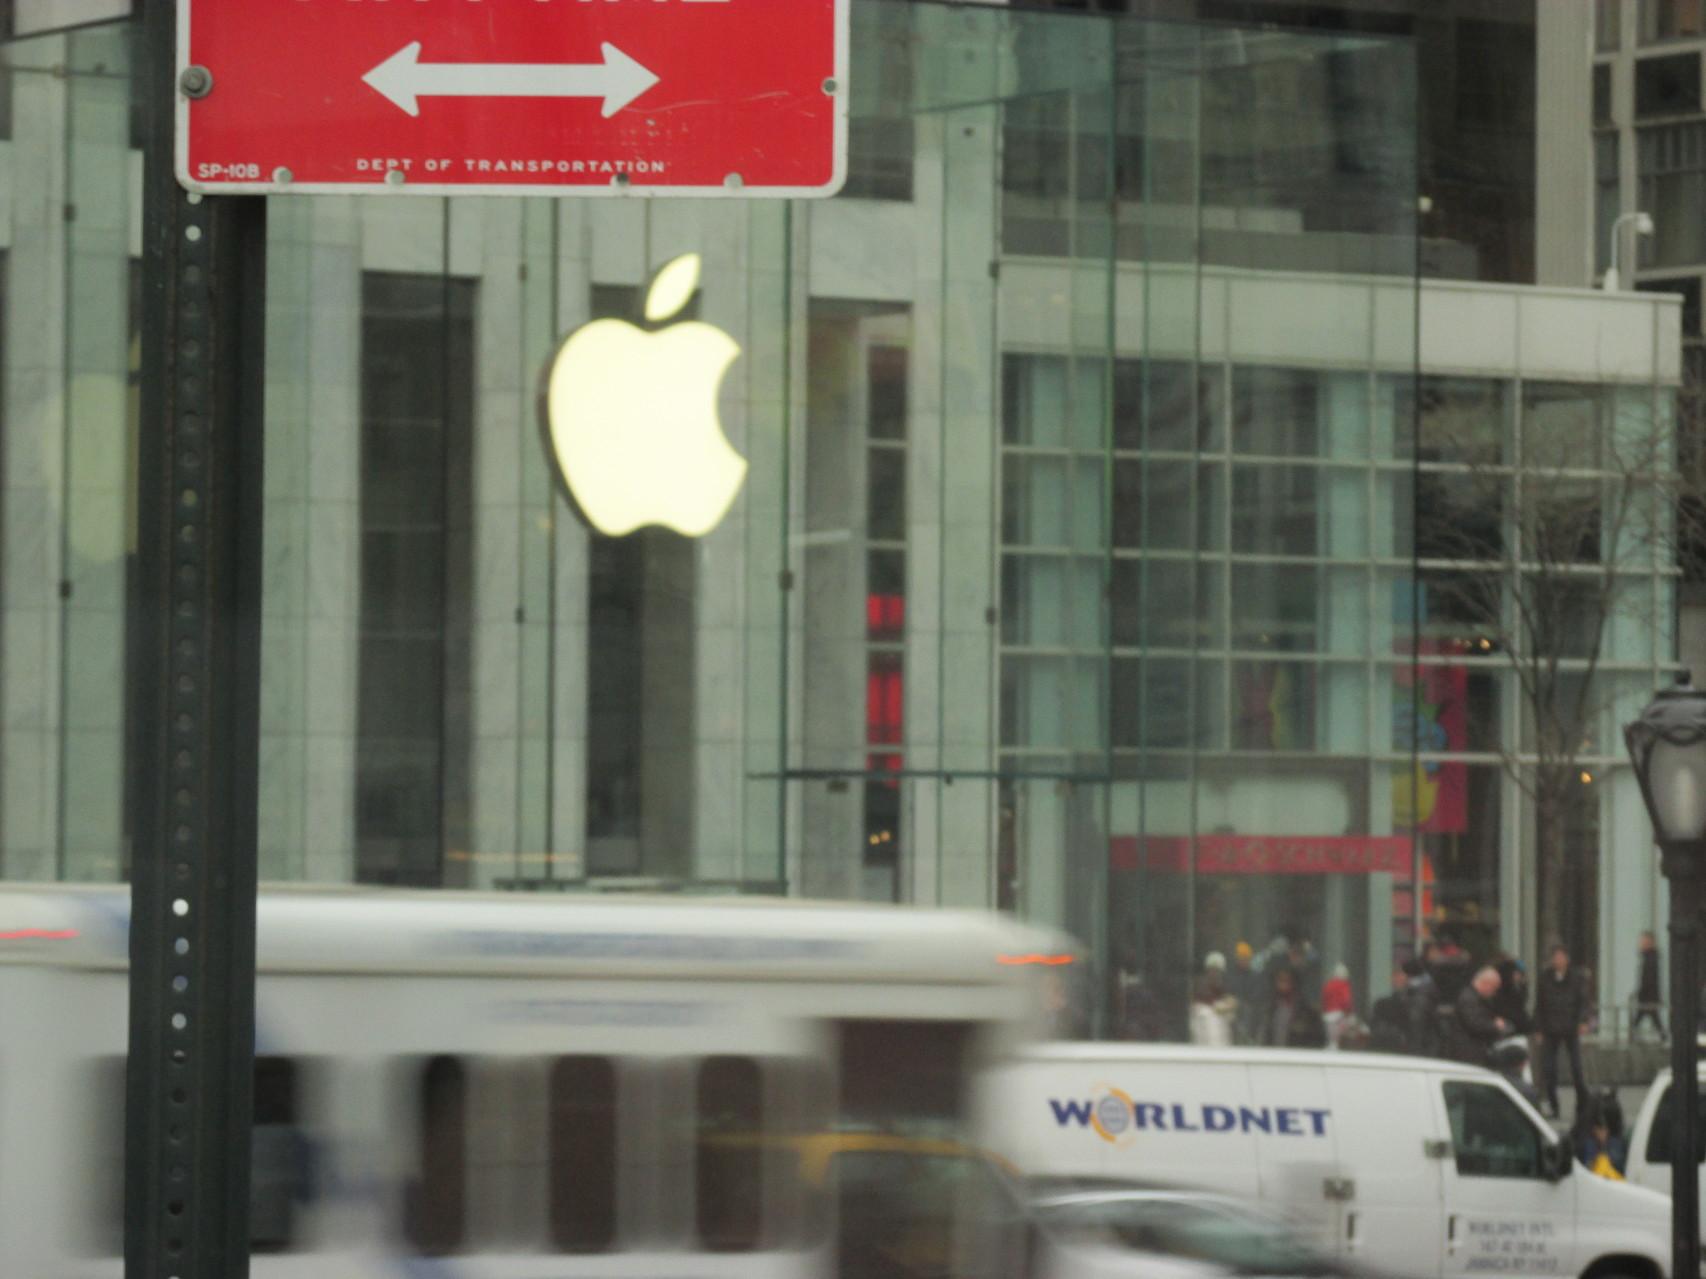 Der Apple Store! Ertsens er ist unter der Erde, zweitens er schließt nie!